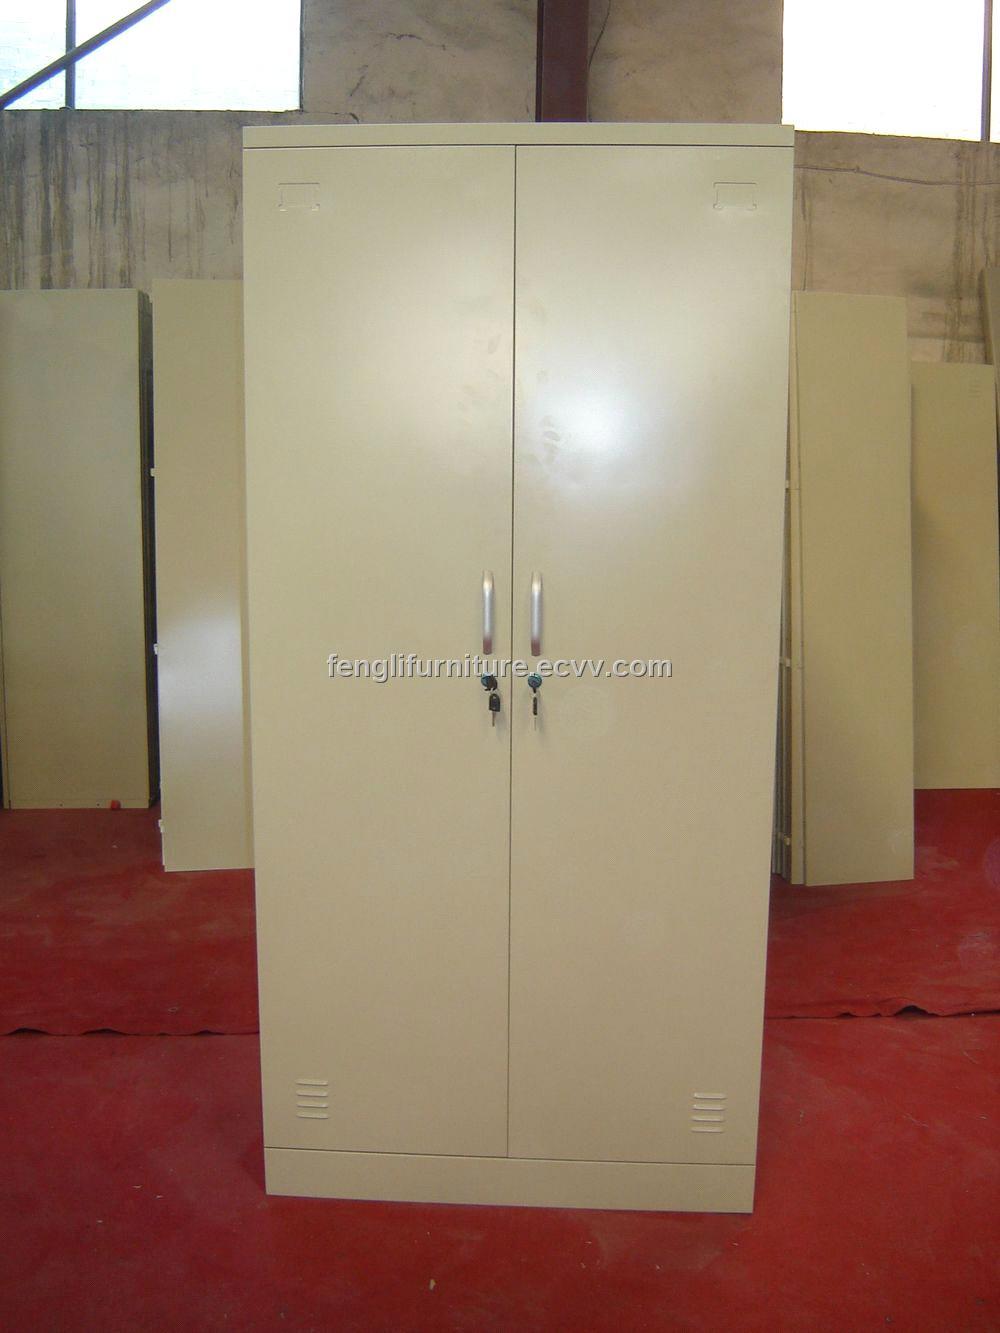 2 Sliding Door Cabinet Metal Purchasing Souring Agent Ecvv